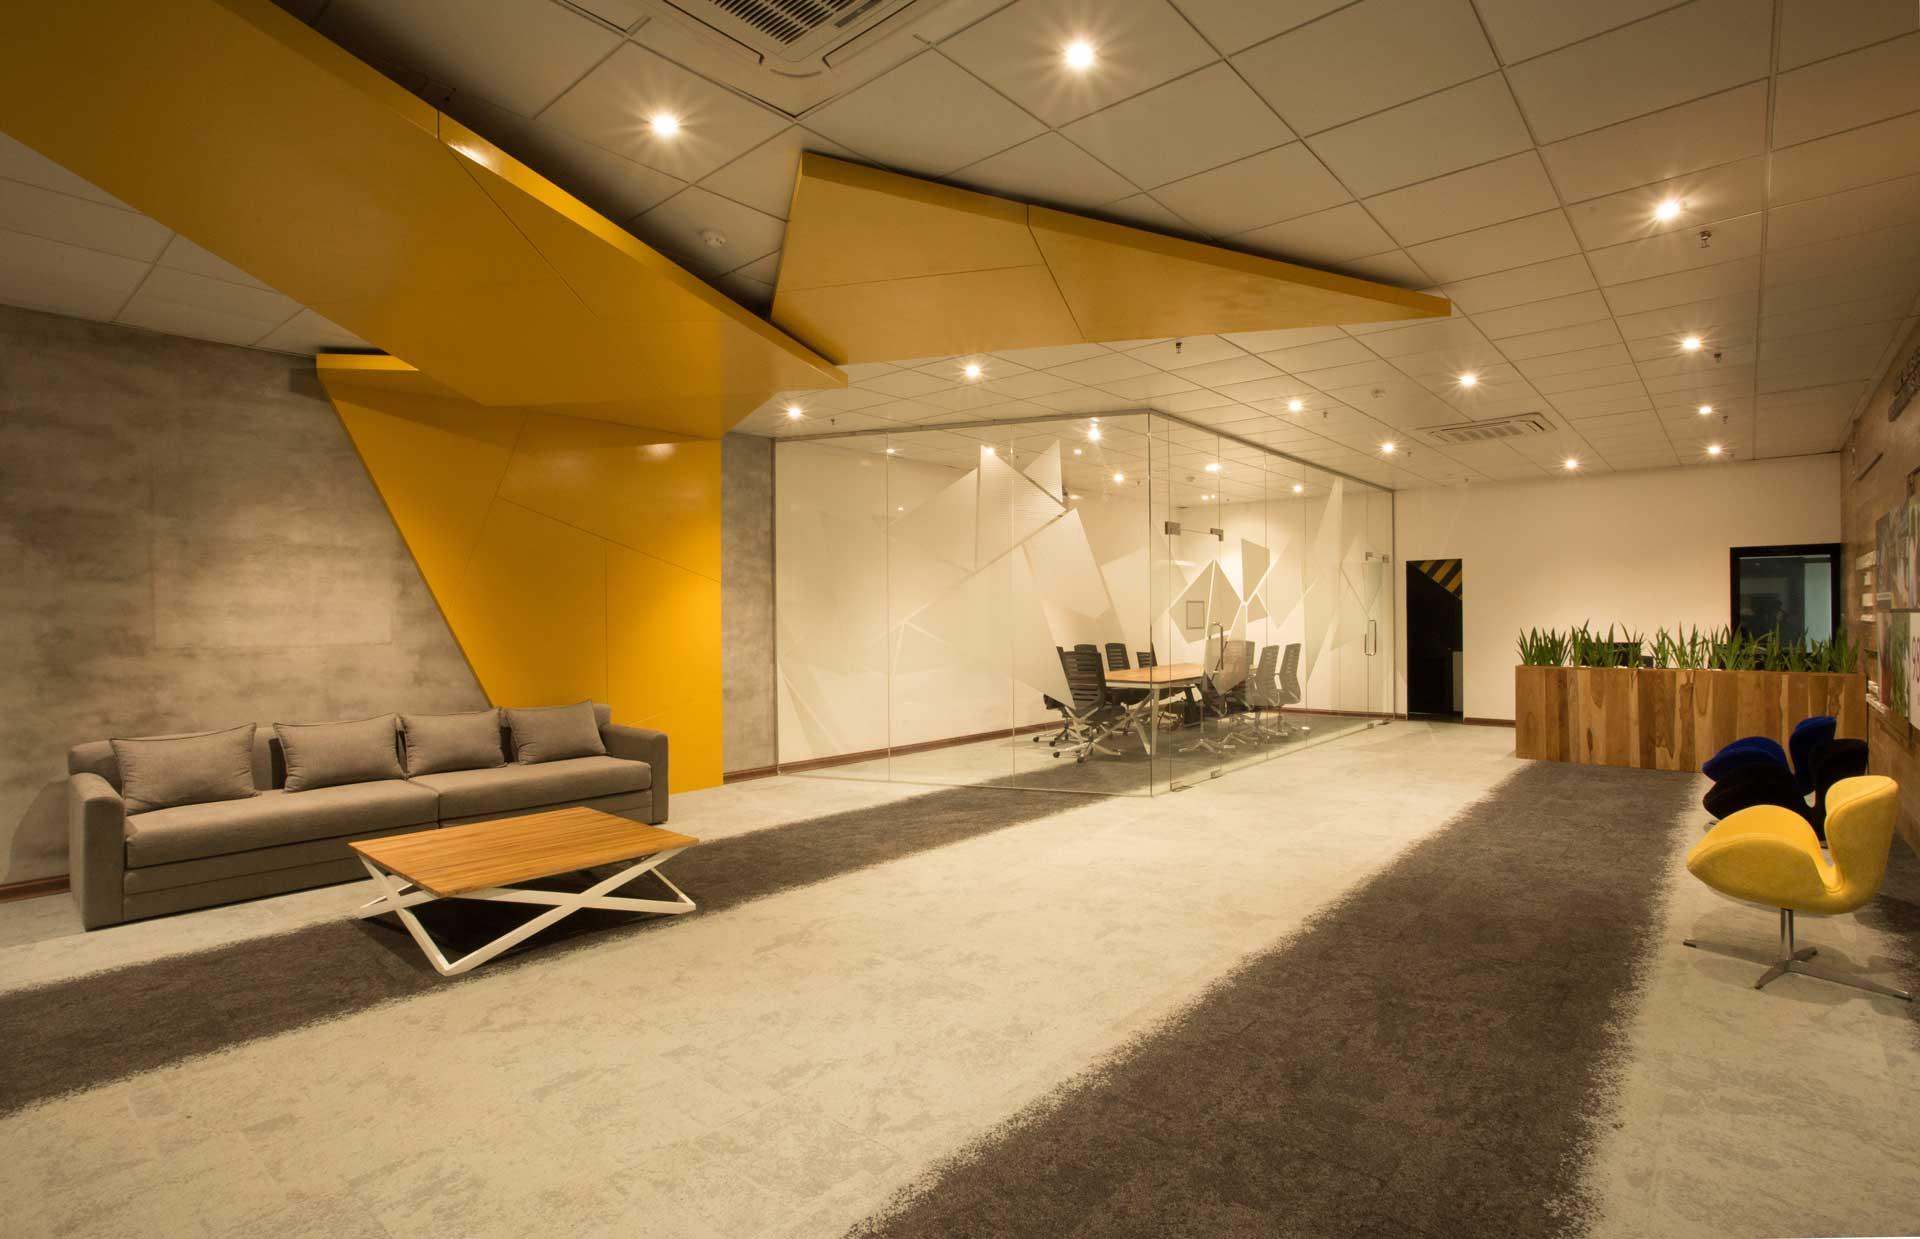 Ceylon Tobacco Company Image 07 | Corporate Interior Design